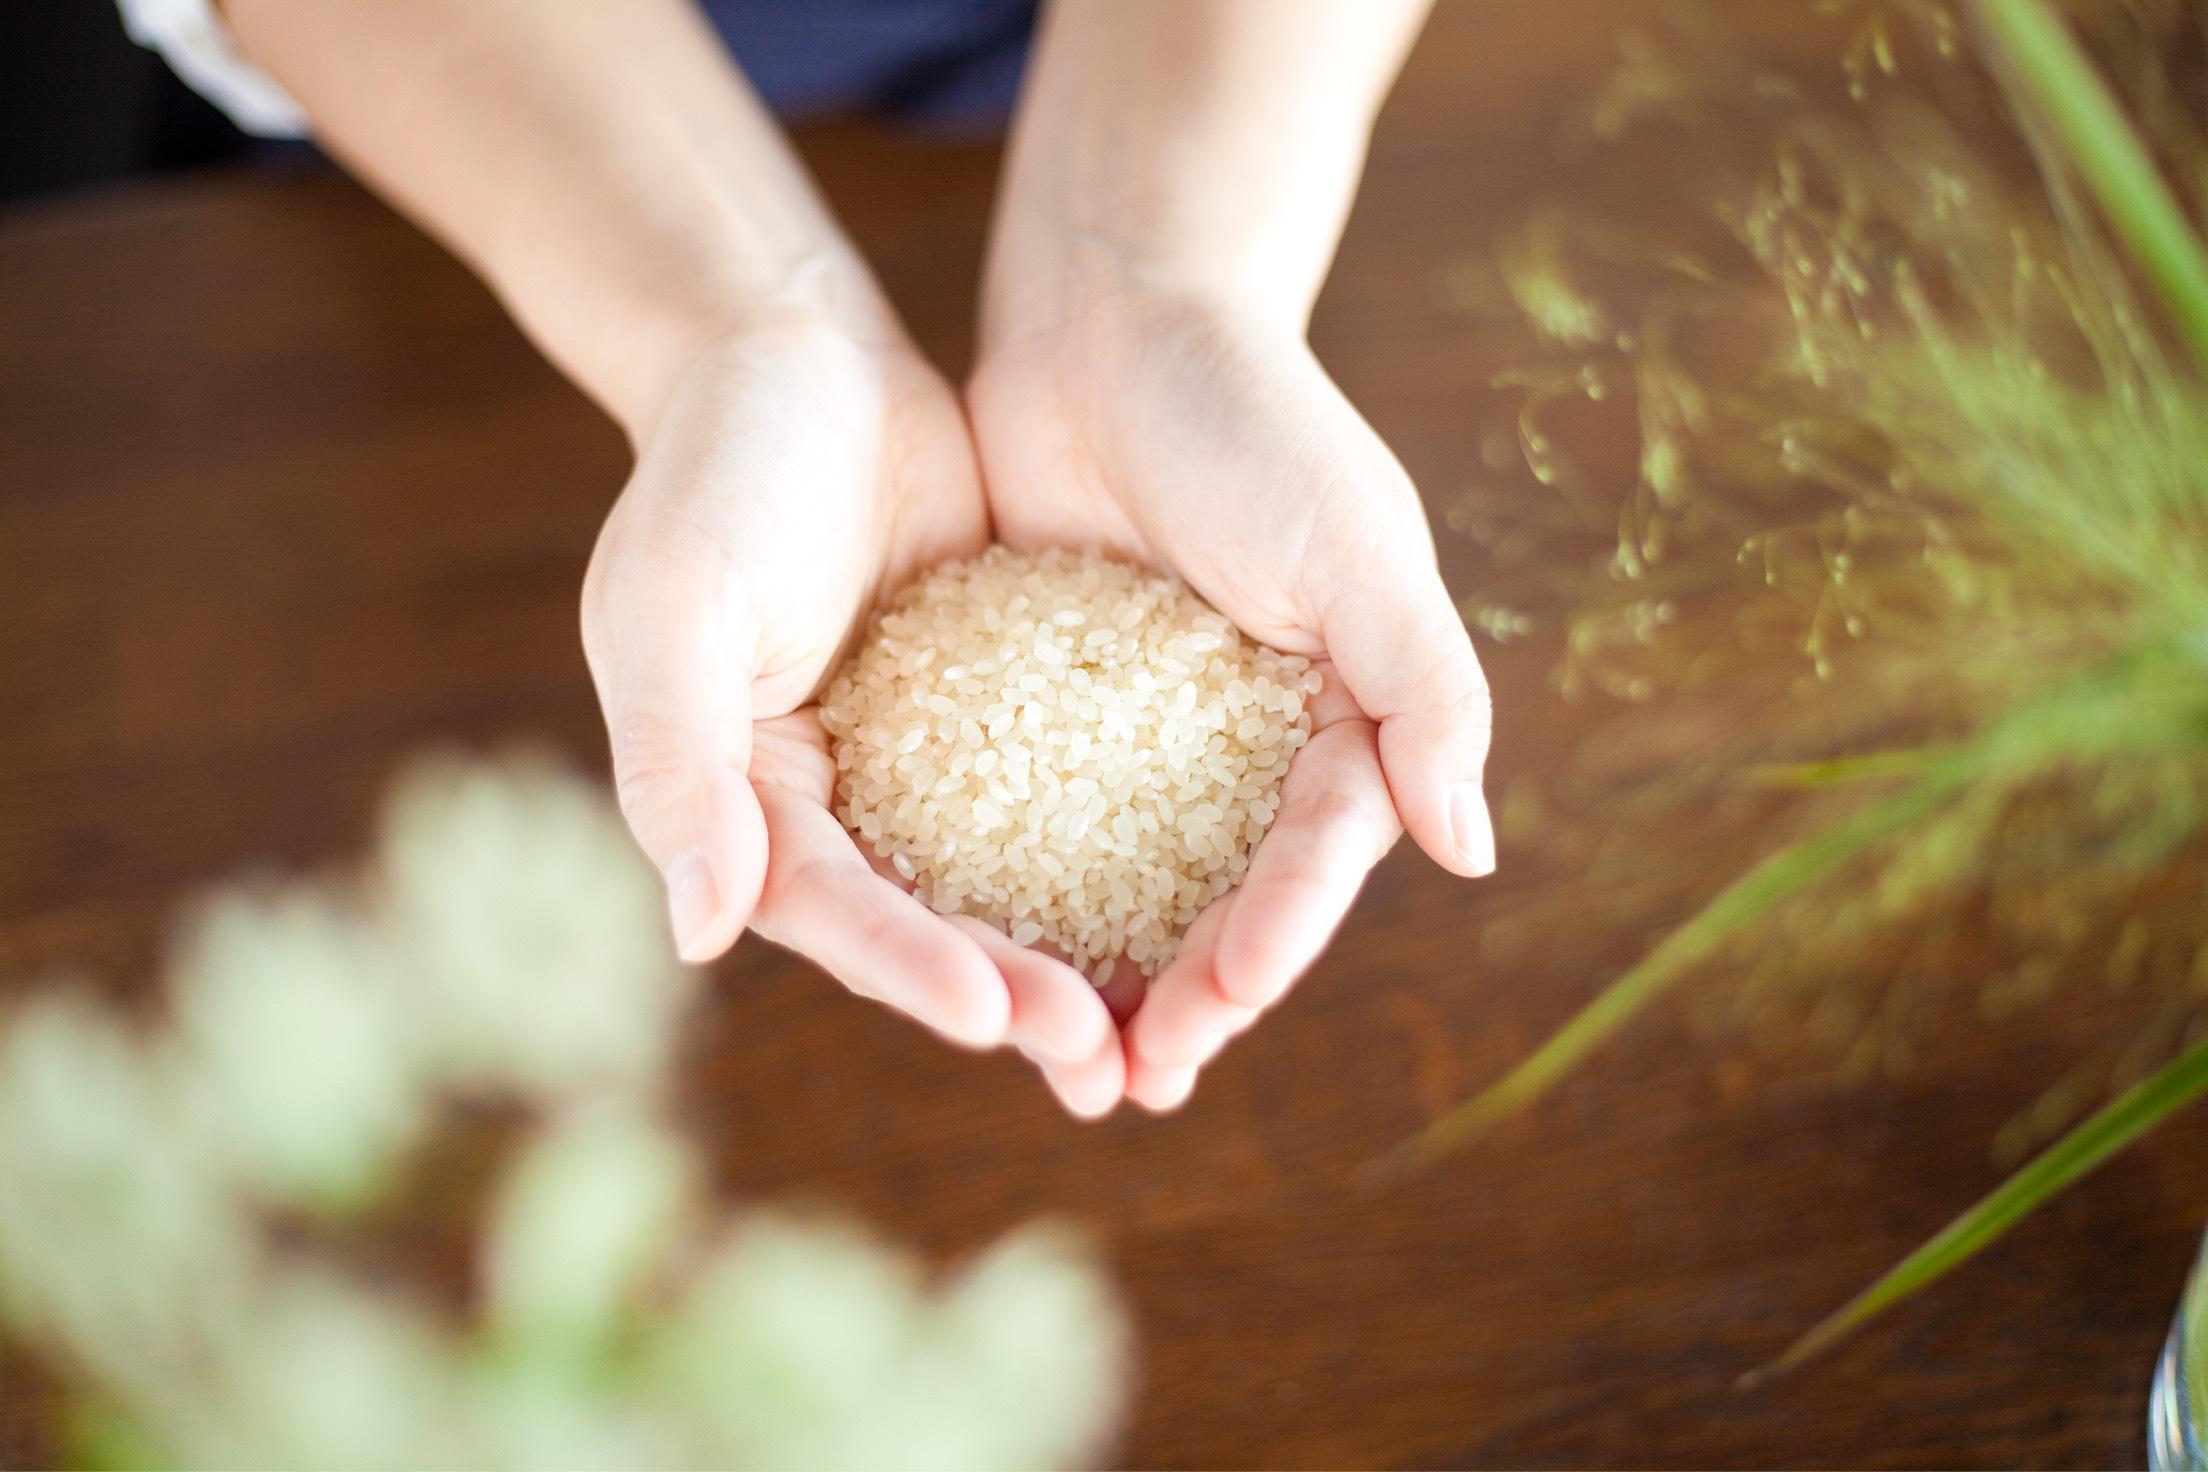 レンゲ農法で育てたお米 もちもち低アミロース米 自家精米5kg